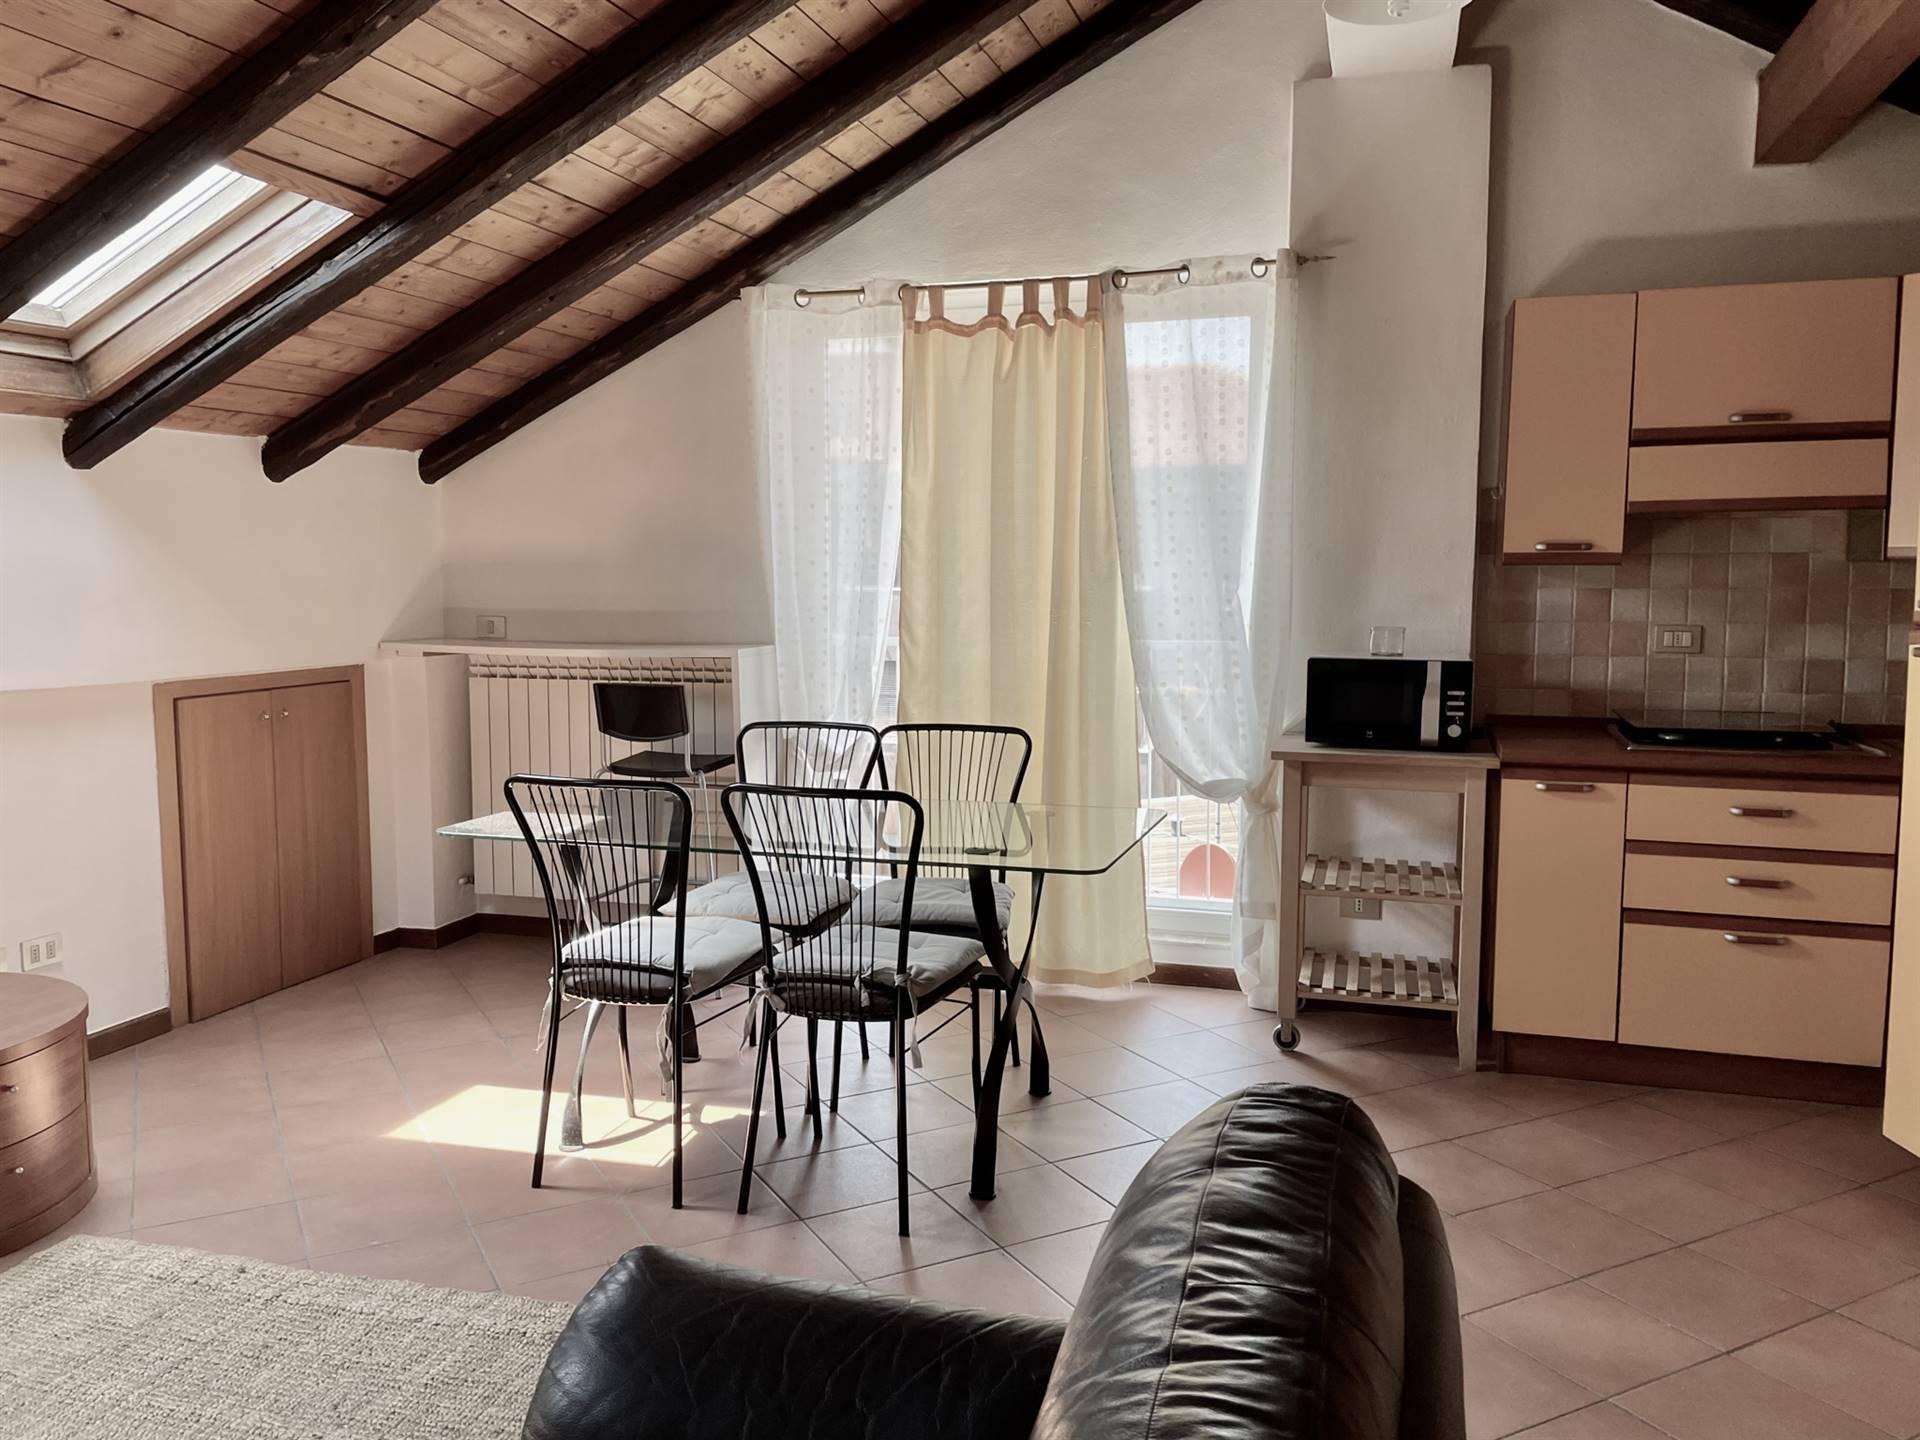 Attico / Mansarda in vendita a San Giuliano Milanese, 3 locali, zona olombardo, prezzo € 120.000   PortaleAgenzieImmobiliari.it